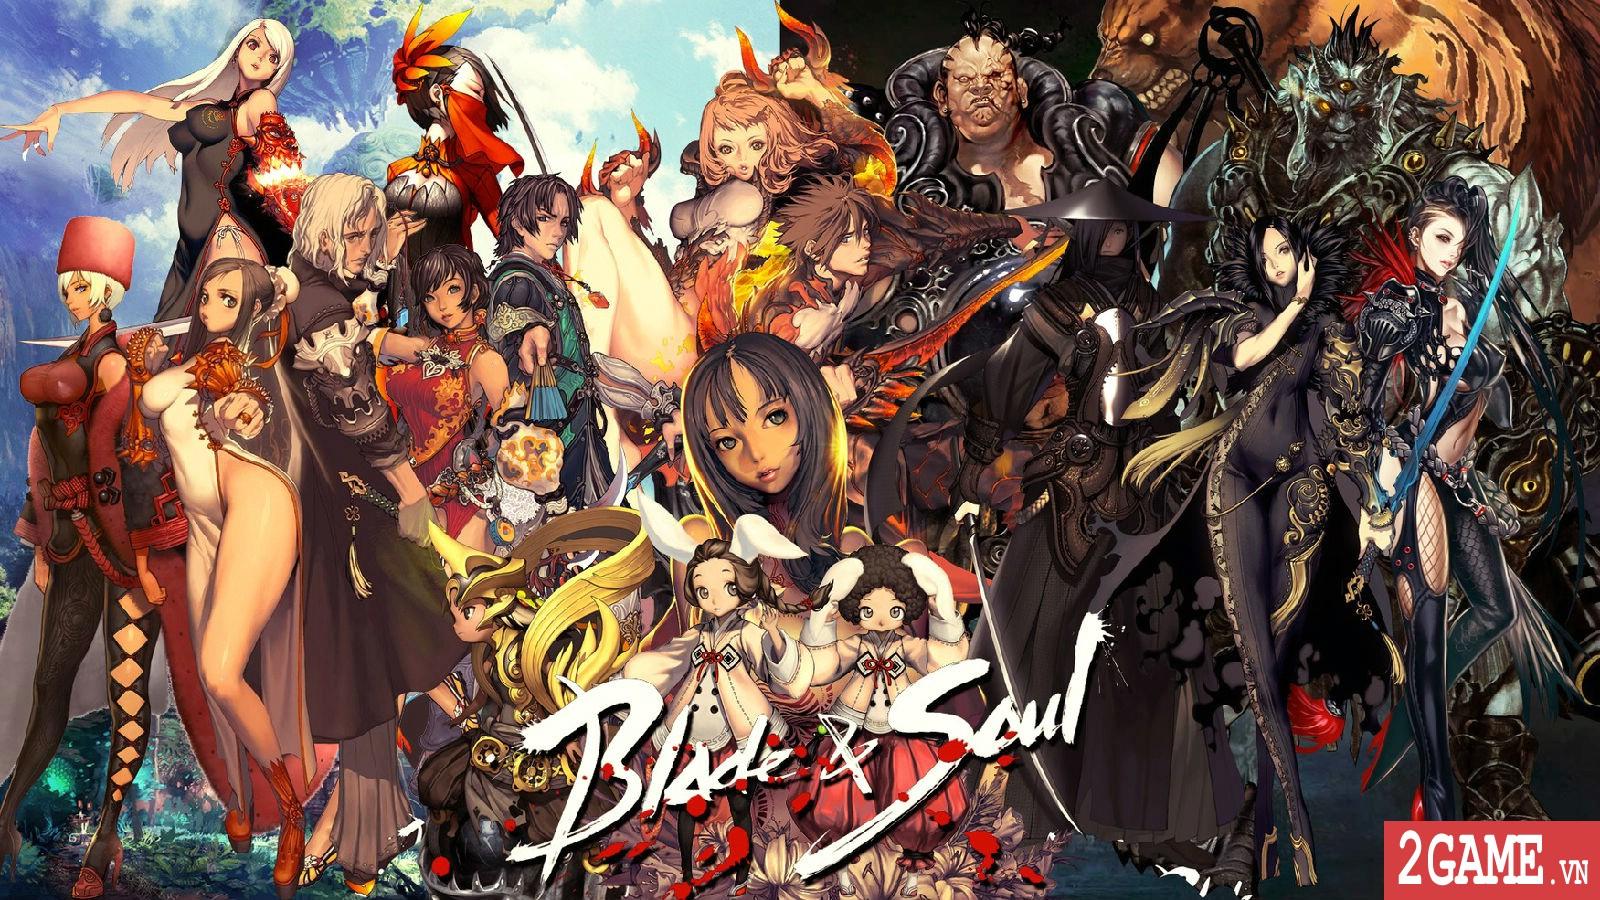 Lần đầu tôi chơi Blade and Soul: Game đẹp, điều khiển phức tạp, đánh đấm sướng tay thật! 0